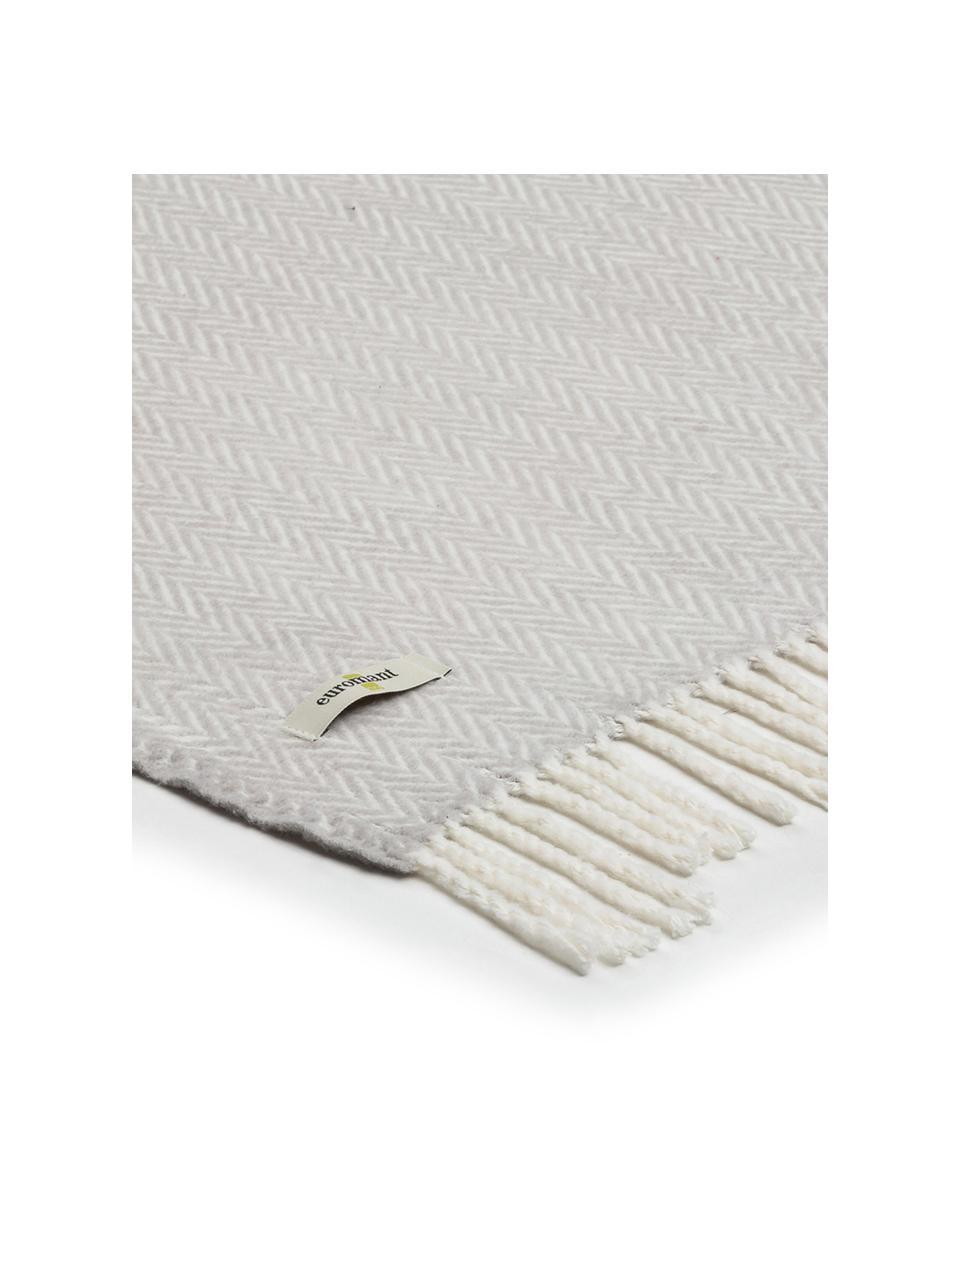 Gemustertes Plaid Skyline in Hellgrau mit Fransenabschluss, 50% Baumwolle, 50% Acryl, Hellgrau, Gebrochenes Weiß, 140 x 180 cm